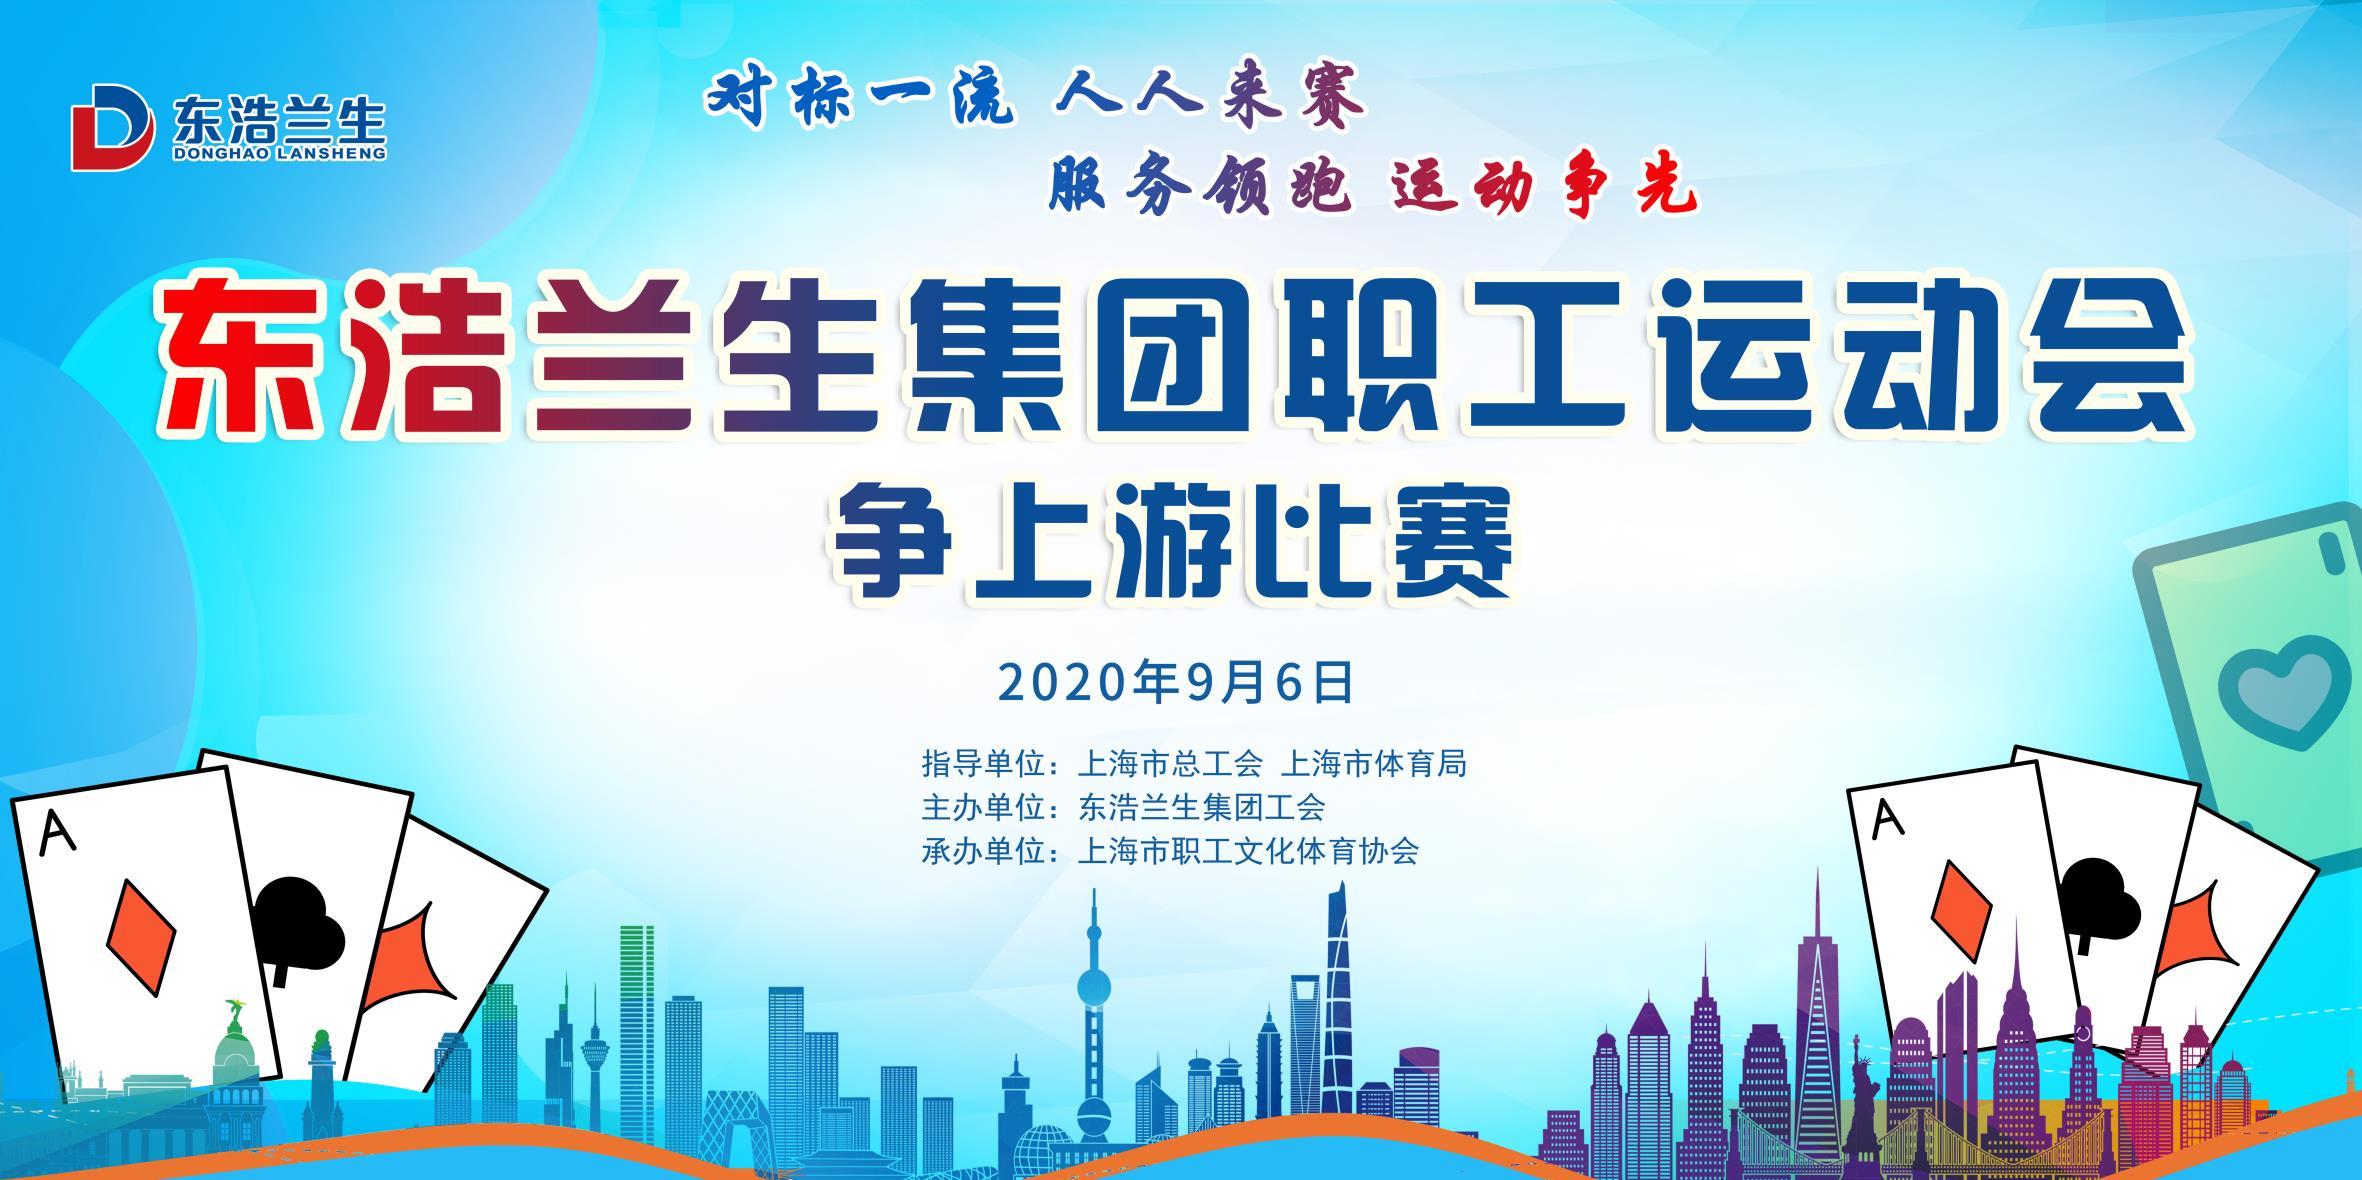 东浩兰生集团职工运动会争上游比赛